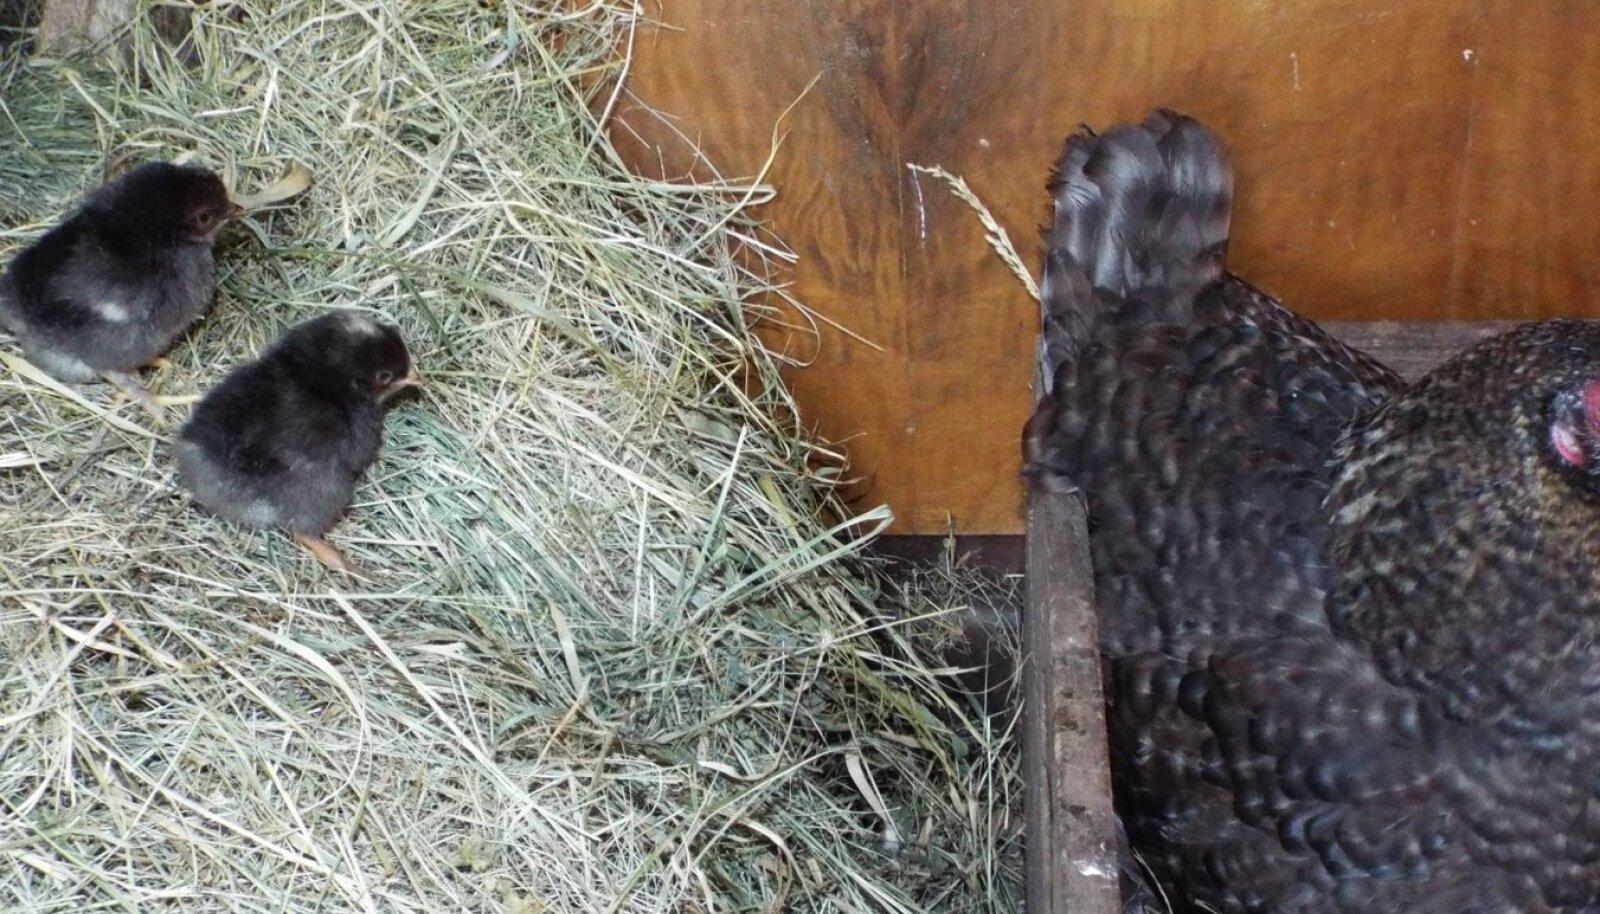 Kanaema haudus välja kaksikud tibud